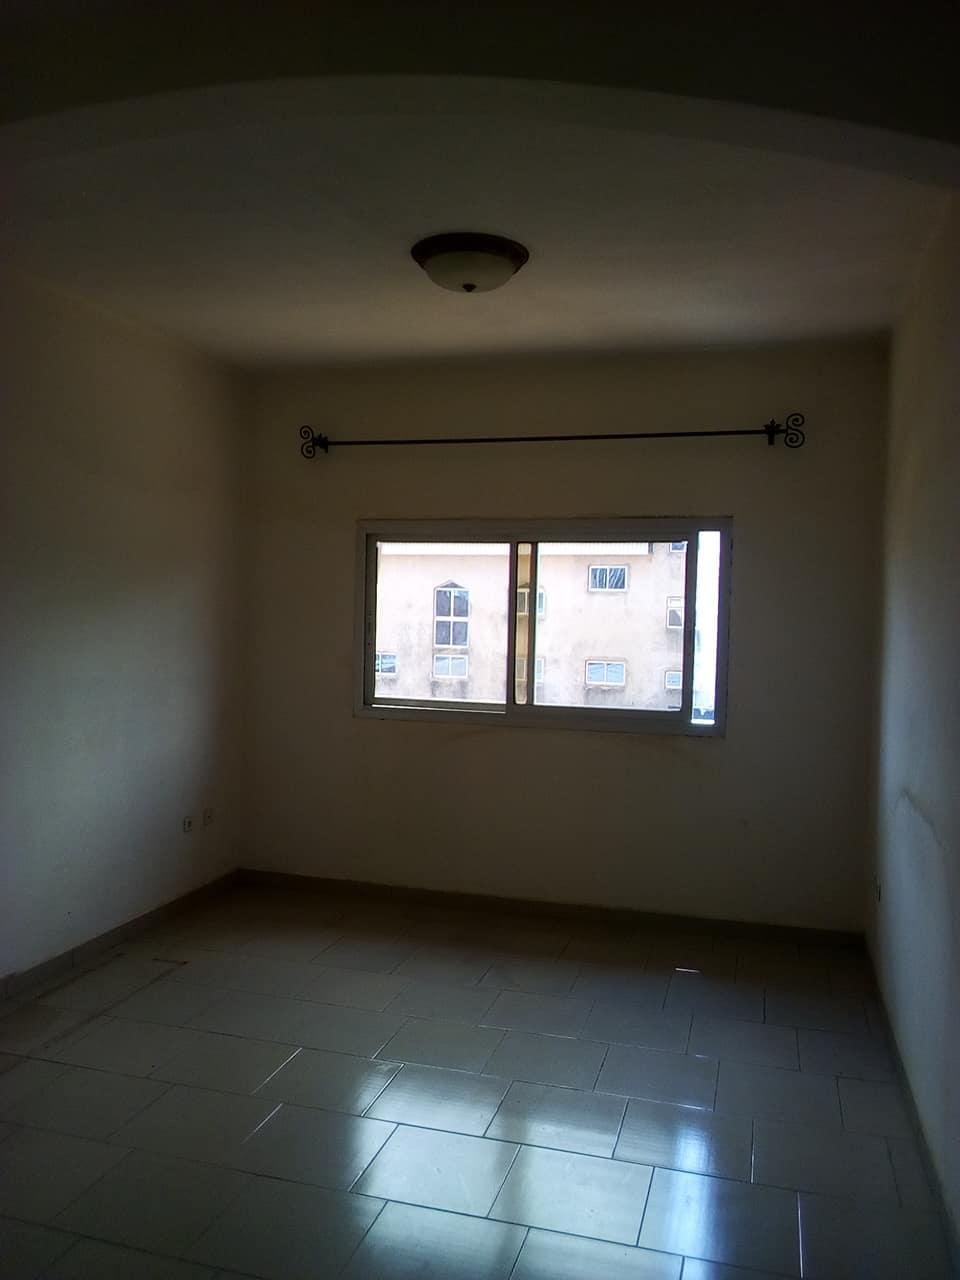 Appartement à louer - Yaoundé, Tsinga, pas loin du camp sic - 1 salon(s), 2 chambre(s), 1 salle(s) de bains - 150 000 FCFA / mois